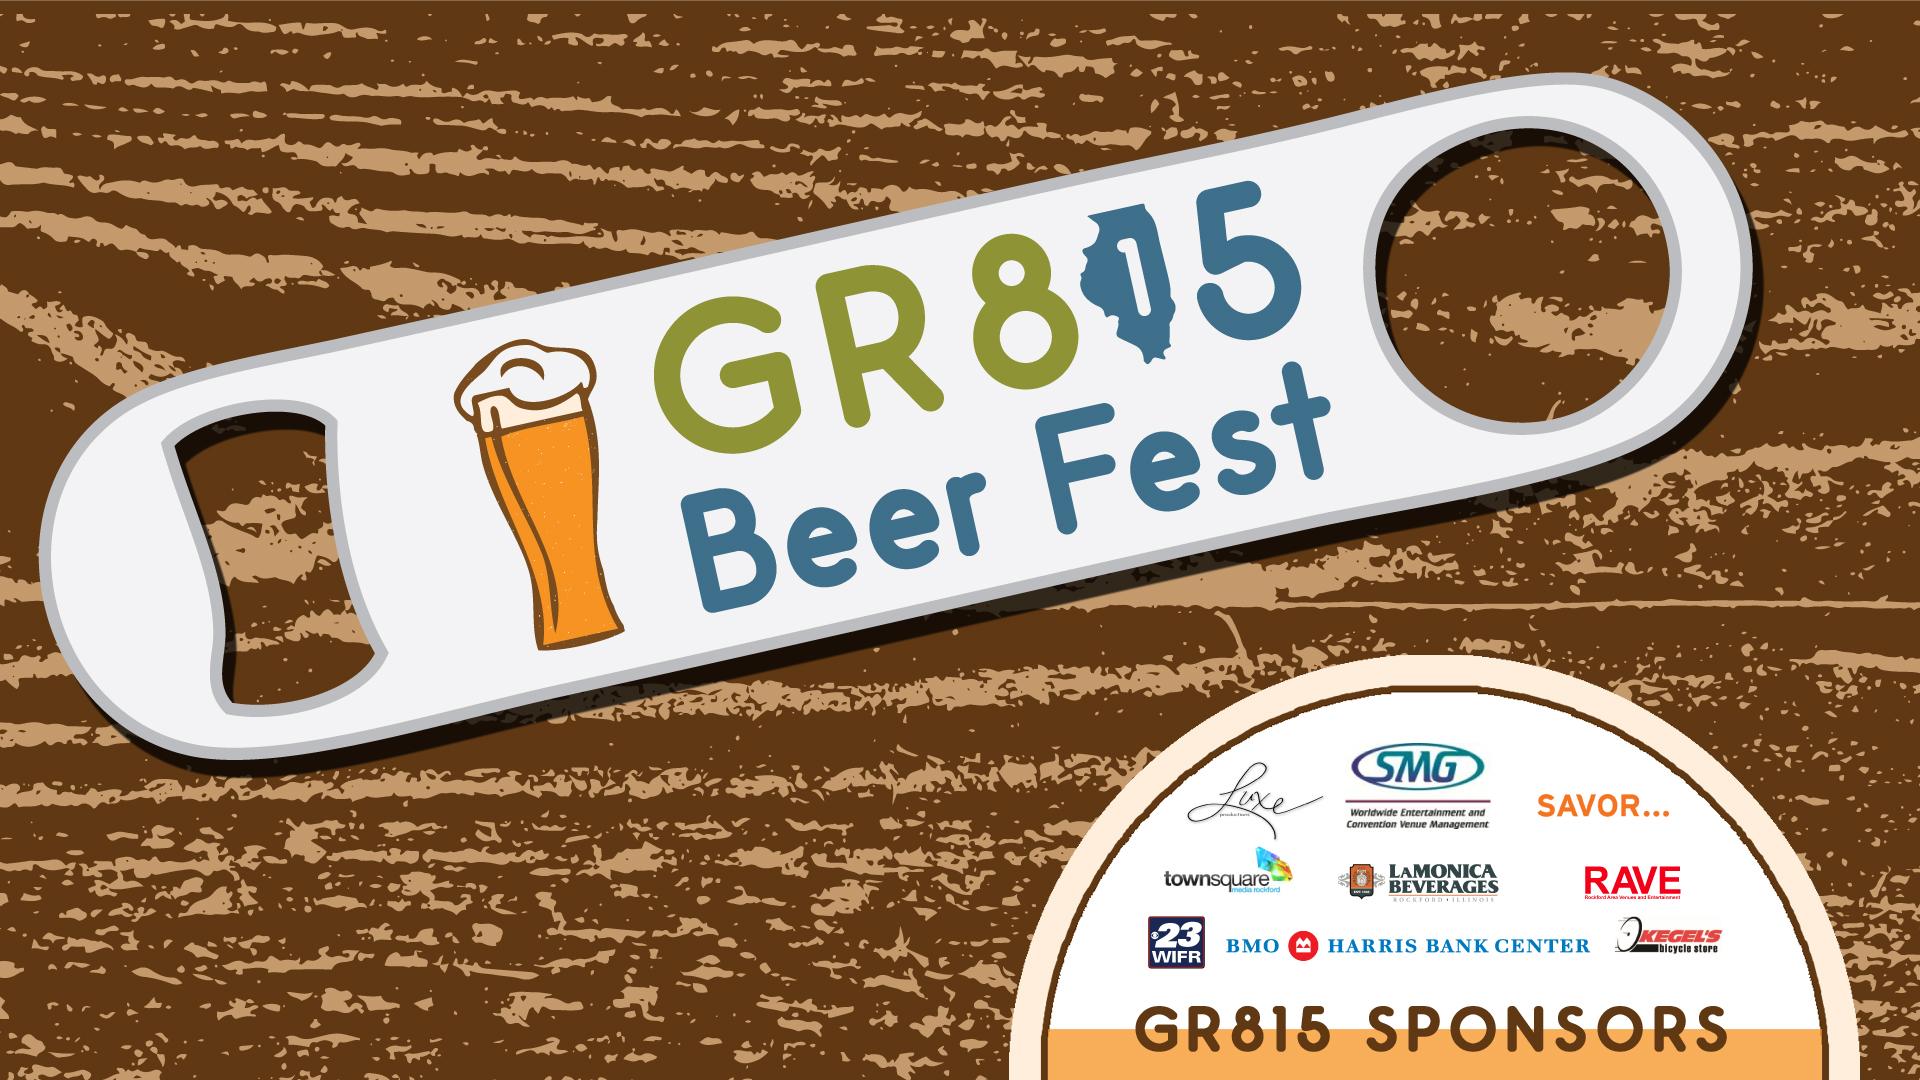 GR8-1-5 Beer Fest